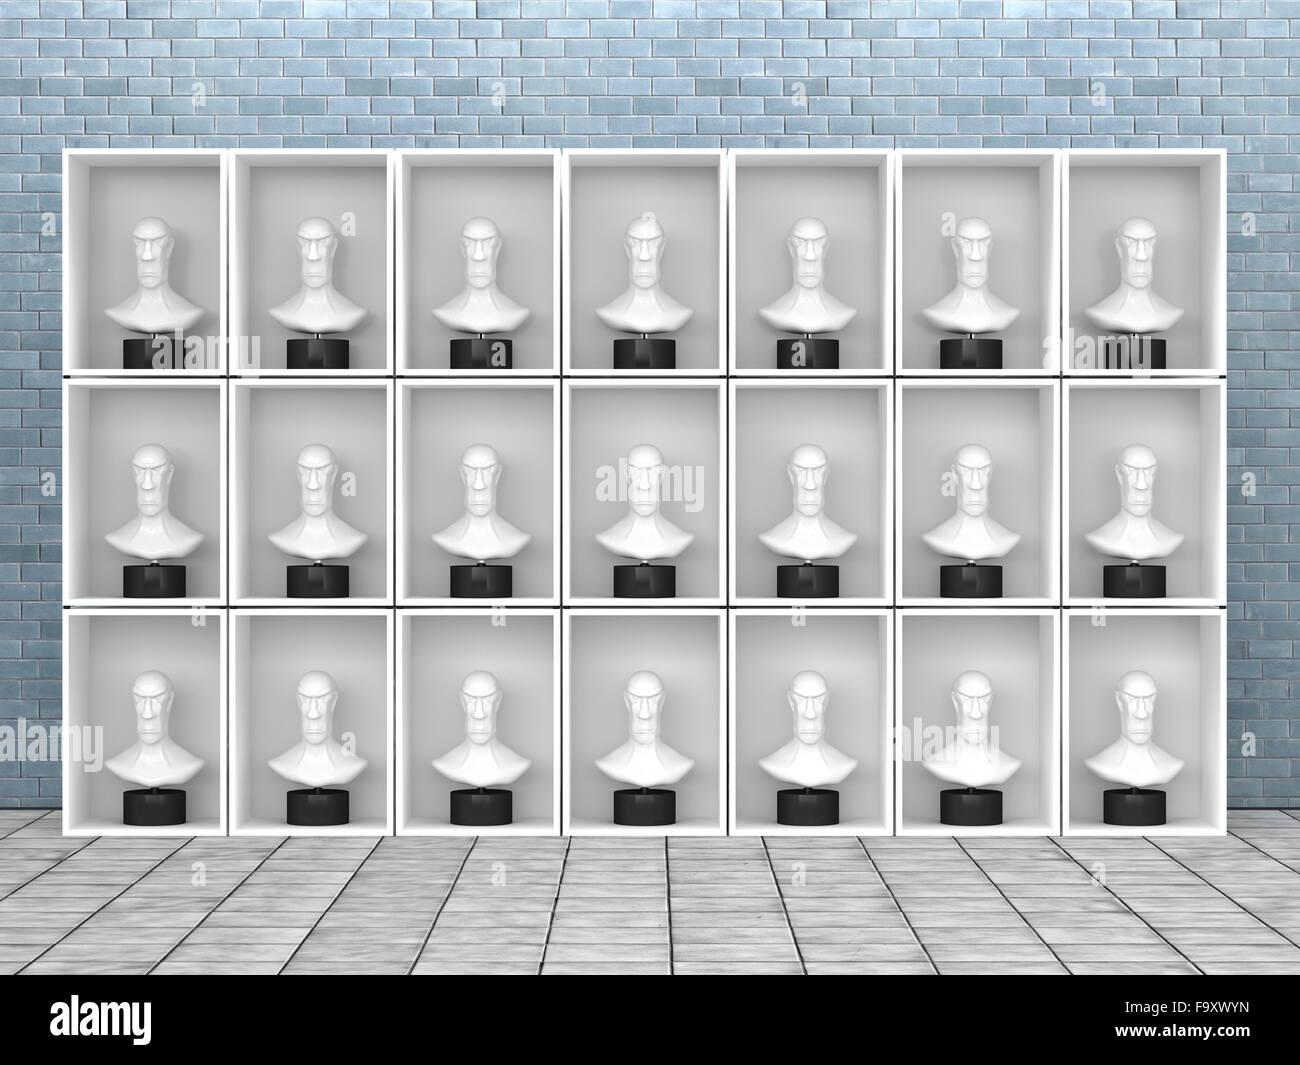 Identische Büsten im Regal, 3D Rendering Stockbild